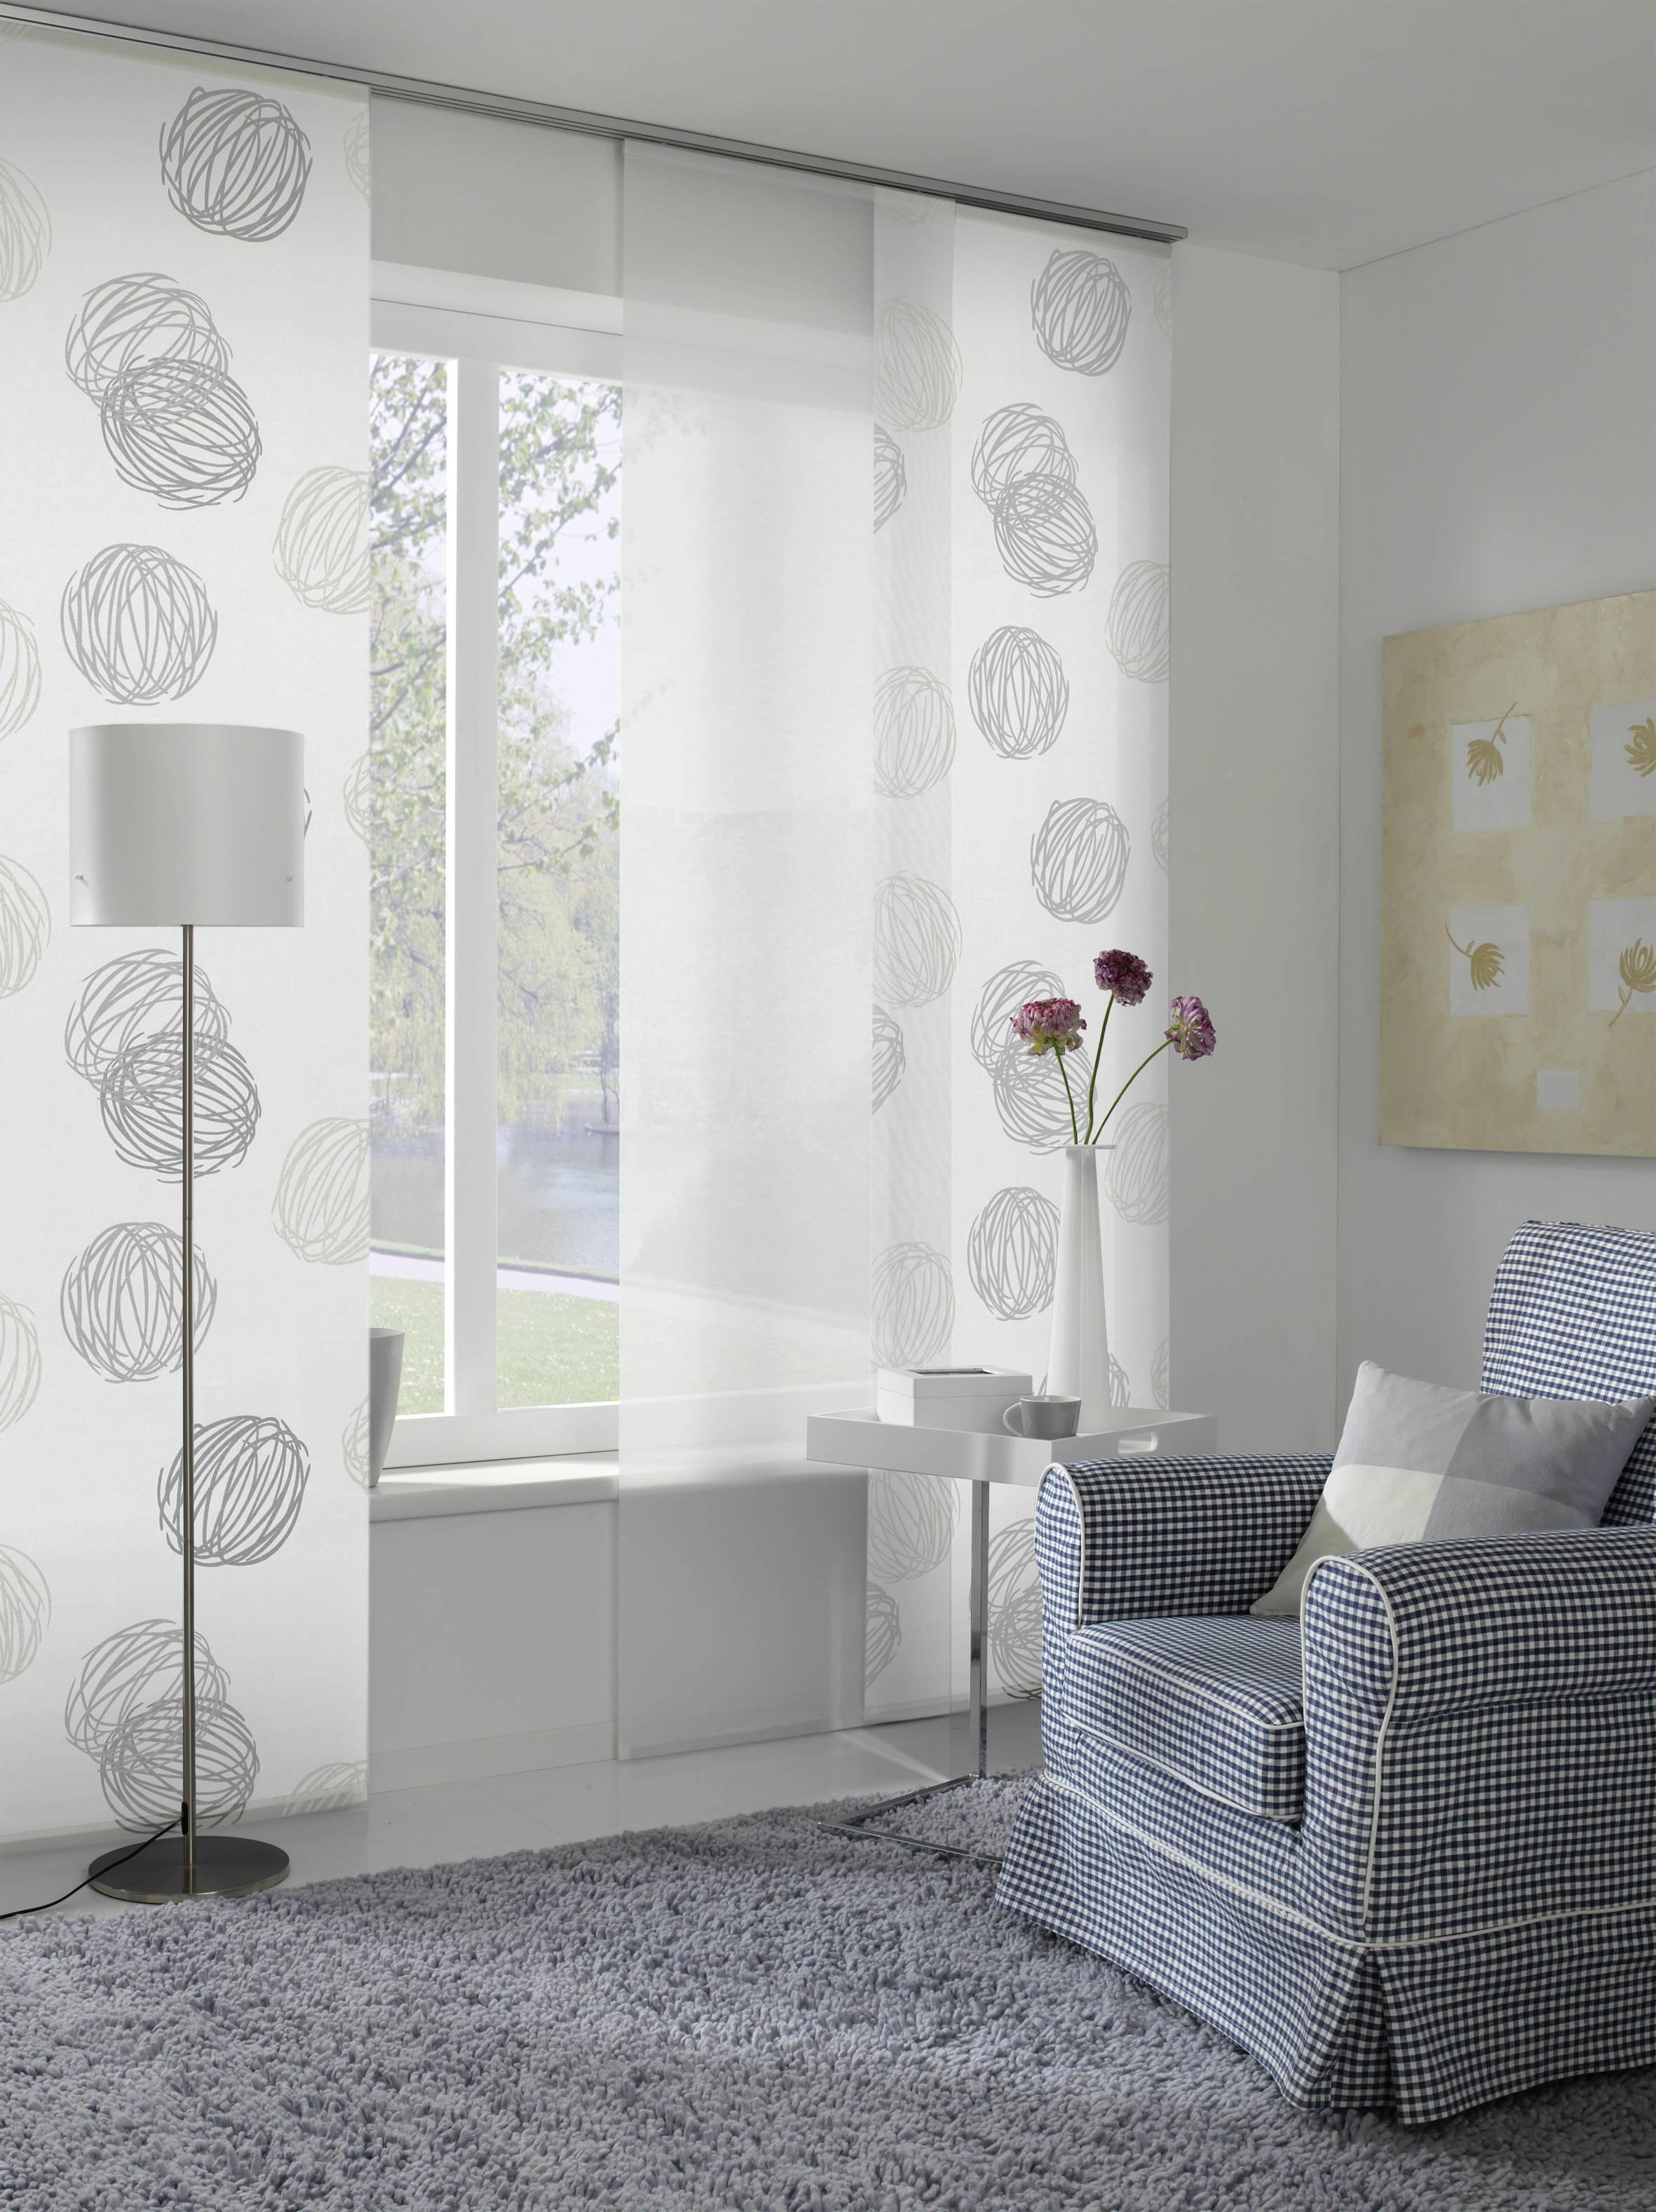 Fl chenvorhang stoff kn uel wei grau 60 x 245 cm 1122060245 for Fenster 60 x 30